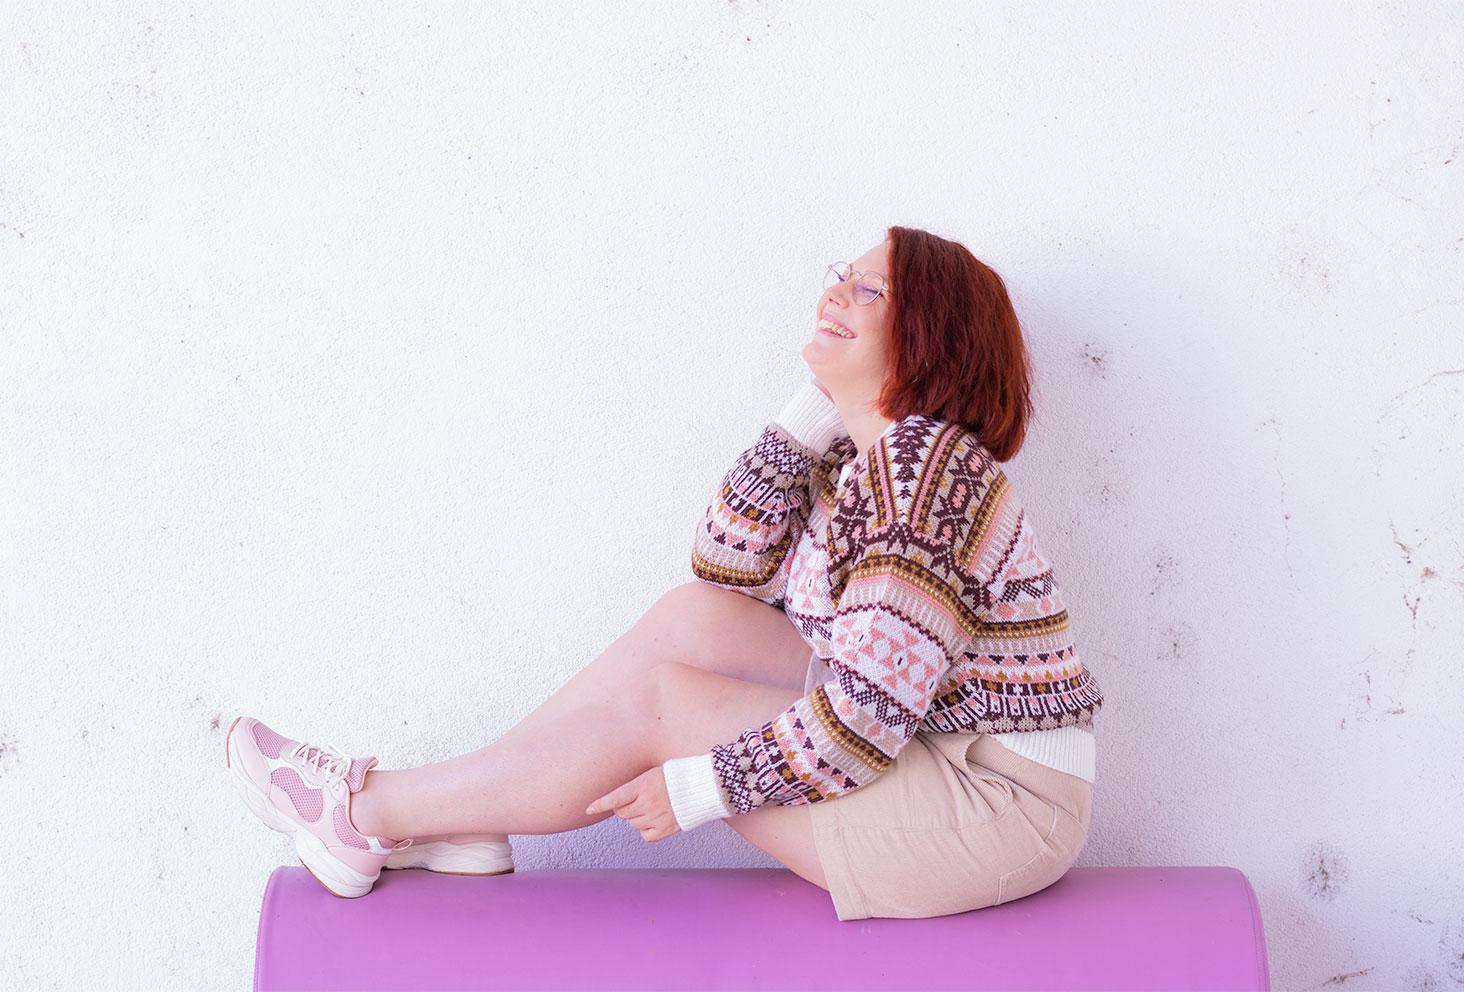 Assise sur un canapé rose, en couleurs beiges et pastels, avec le sourire de profil le long d'un mur blanc